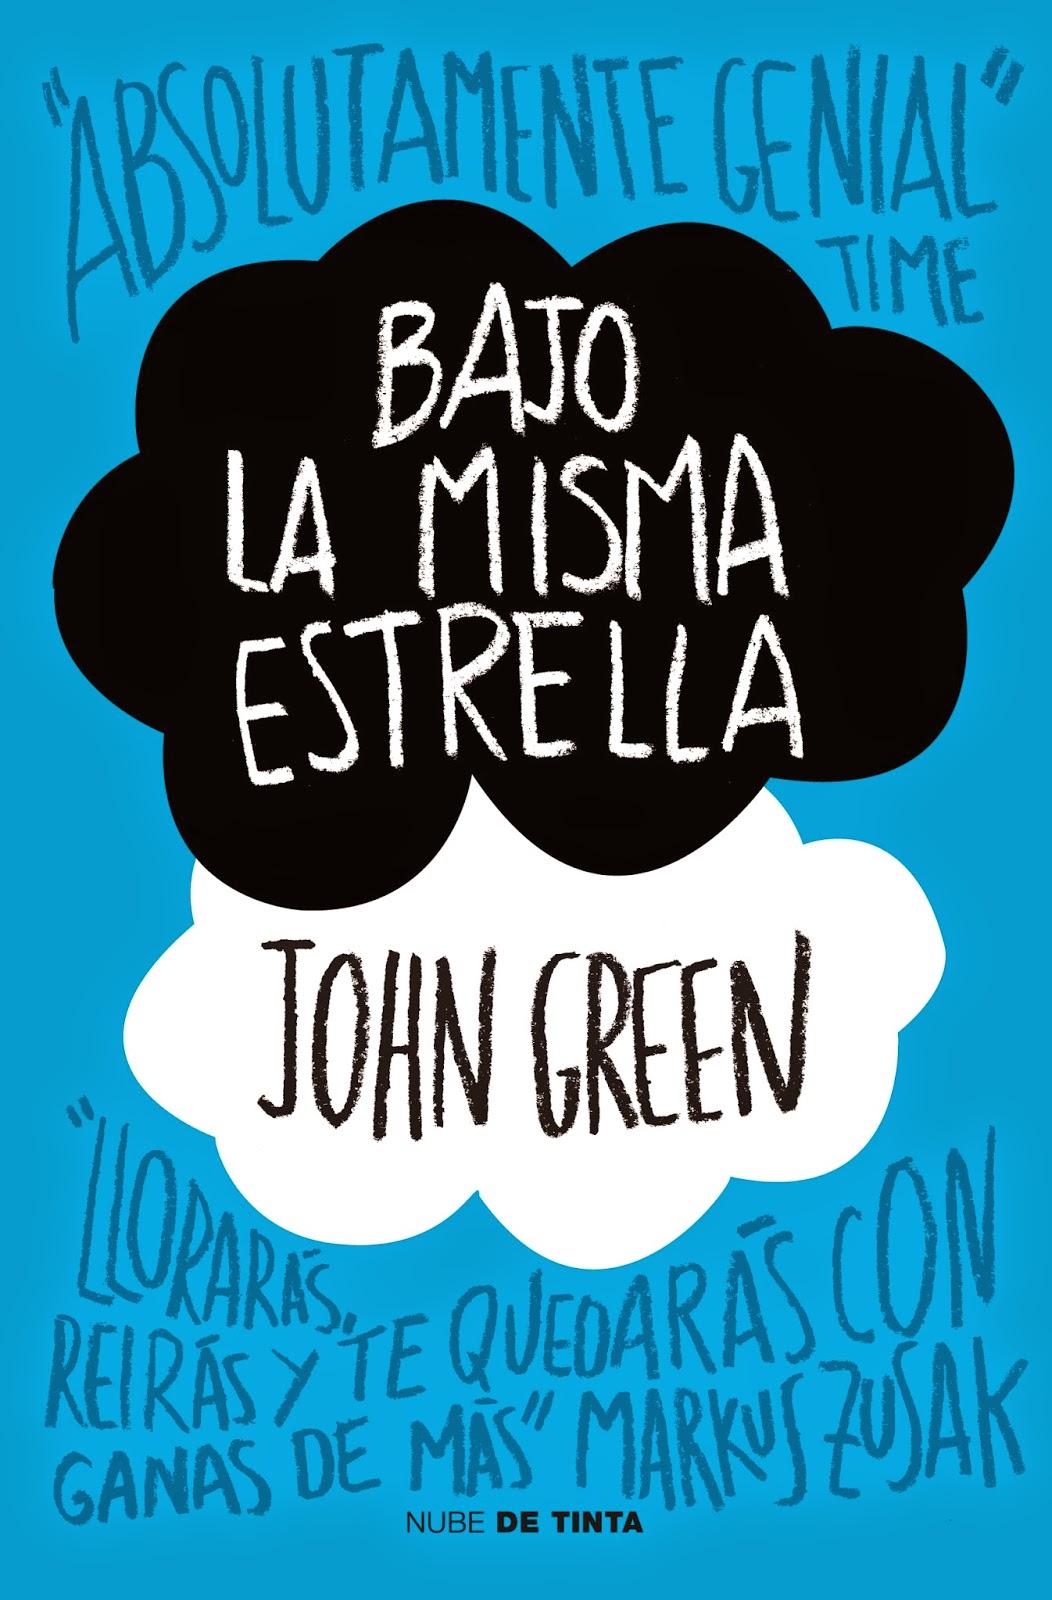 http://labibliotecadebella.blogspot.com.es/2015/02/bajo-la-misma-estrella-john-green.html